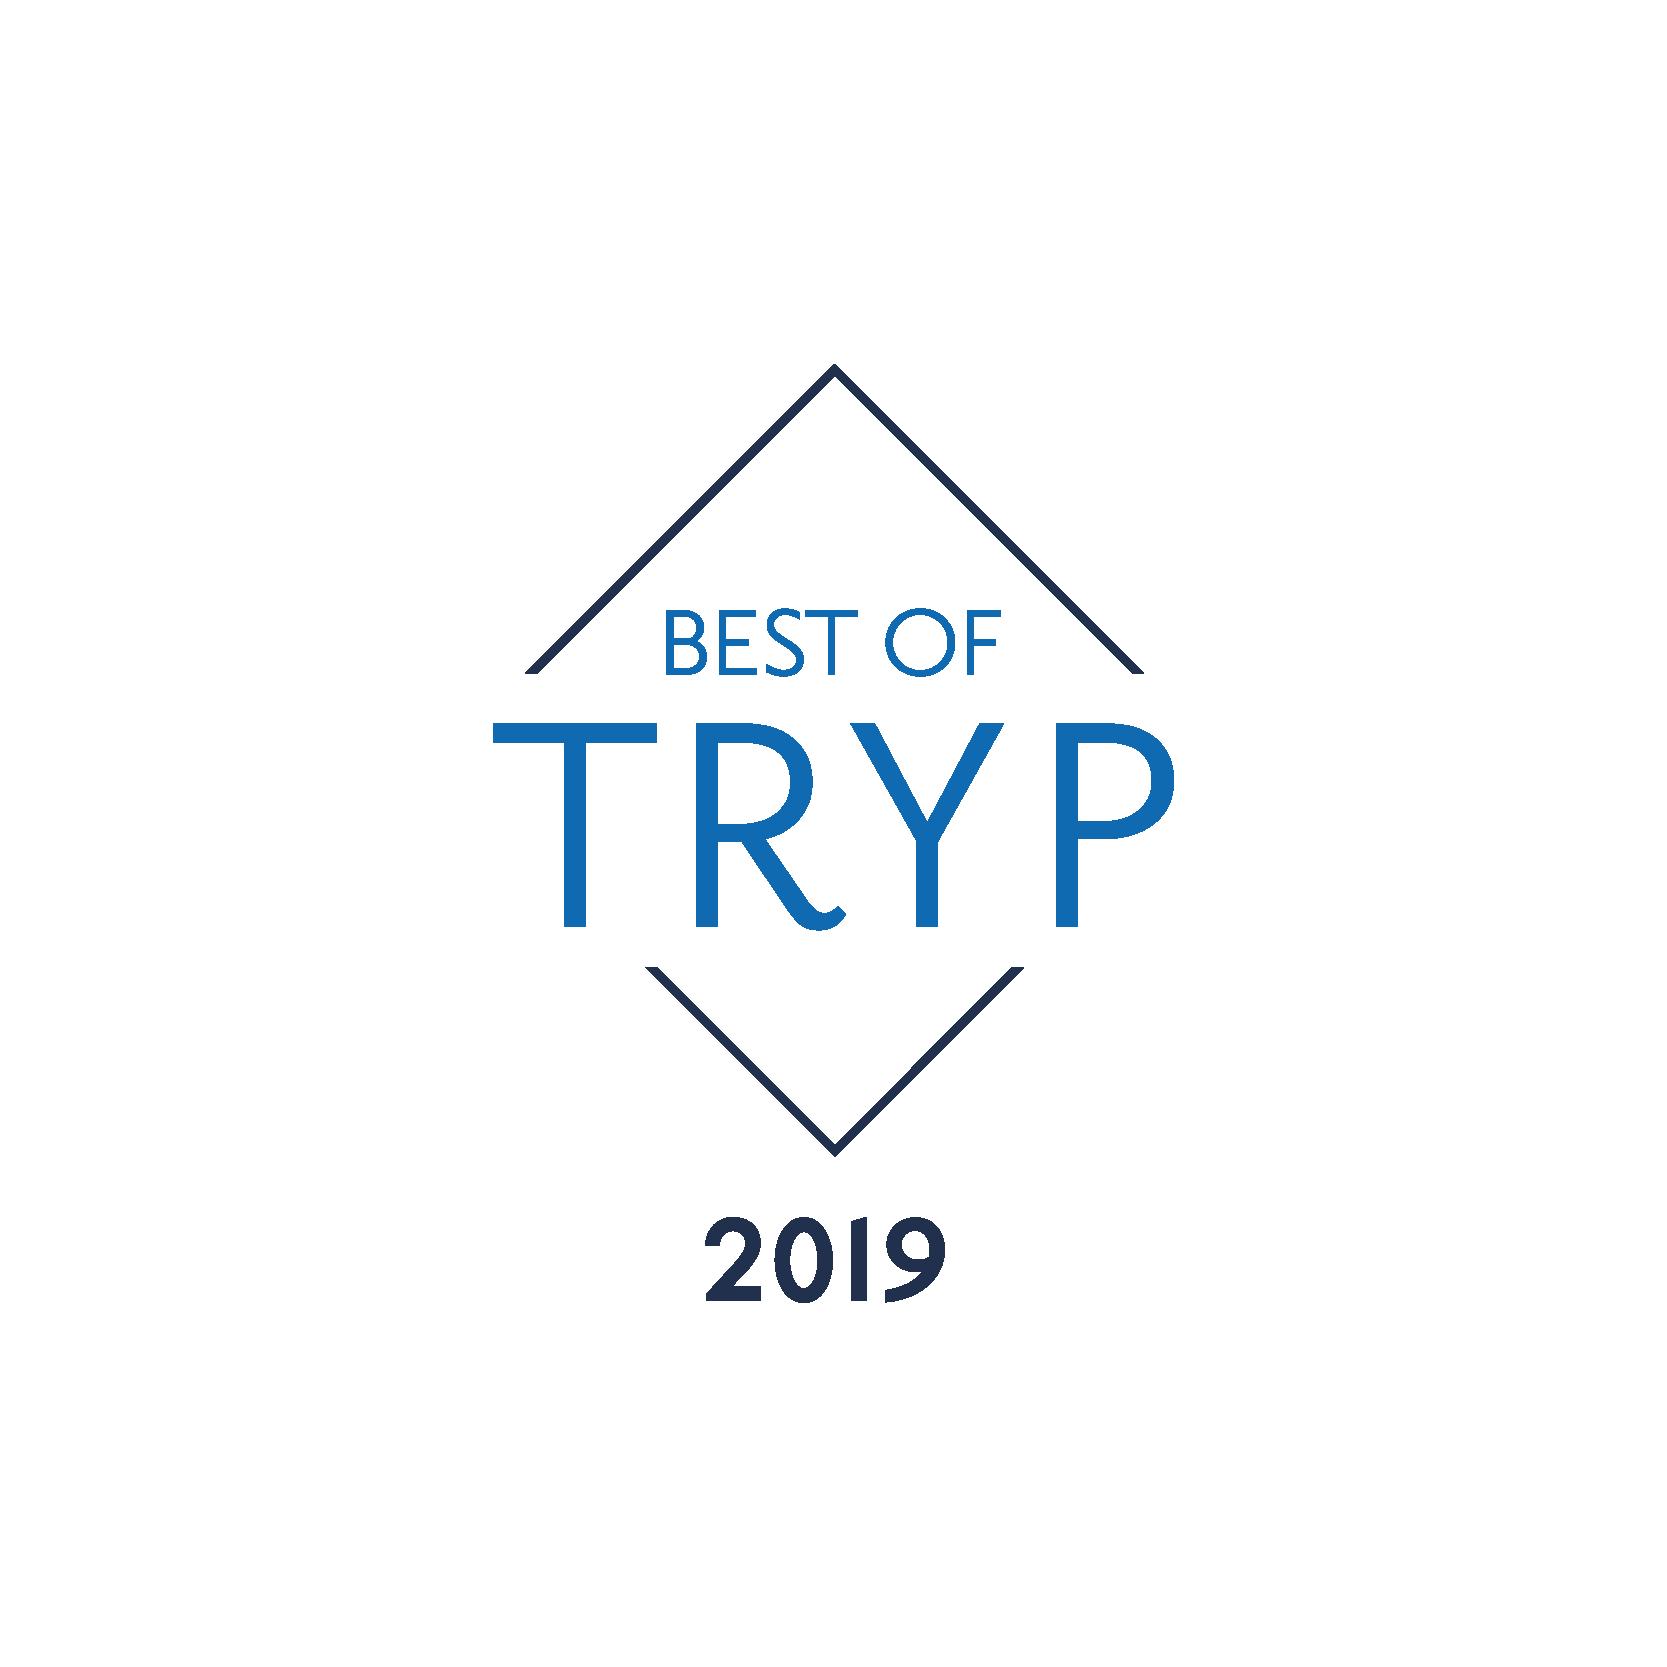 best of TRYP 2019 logo